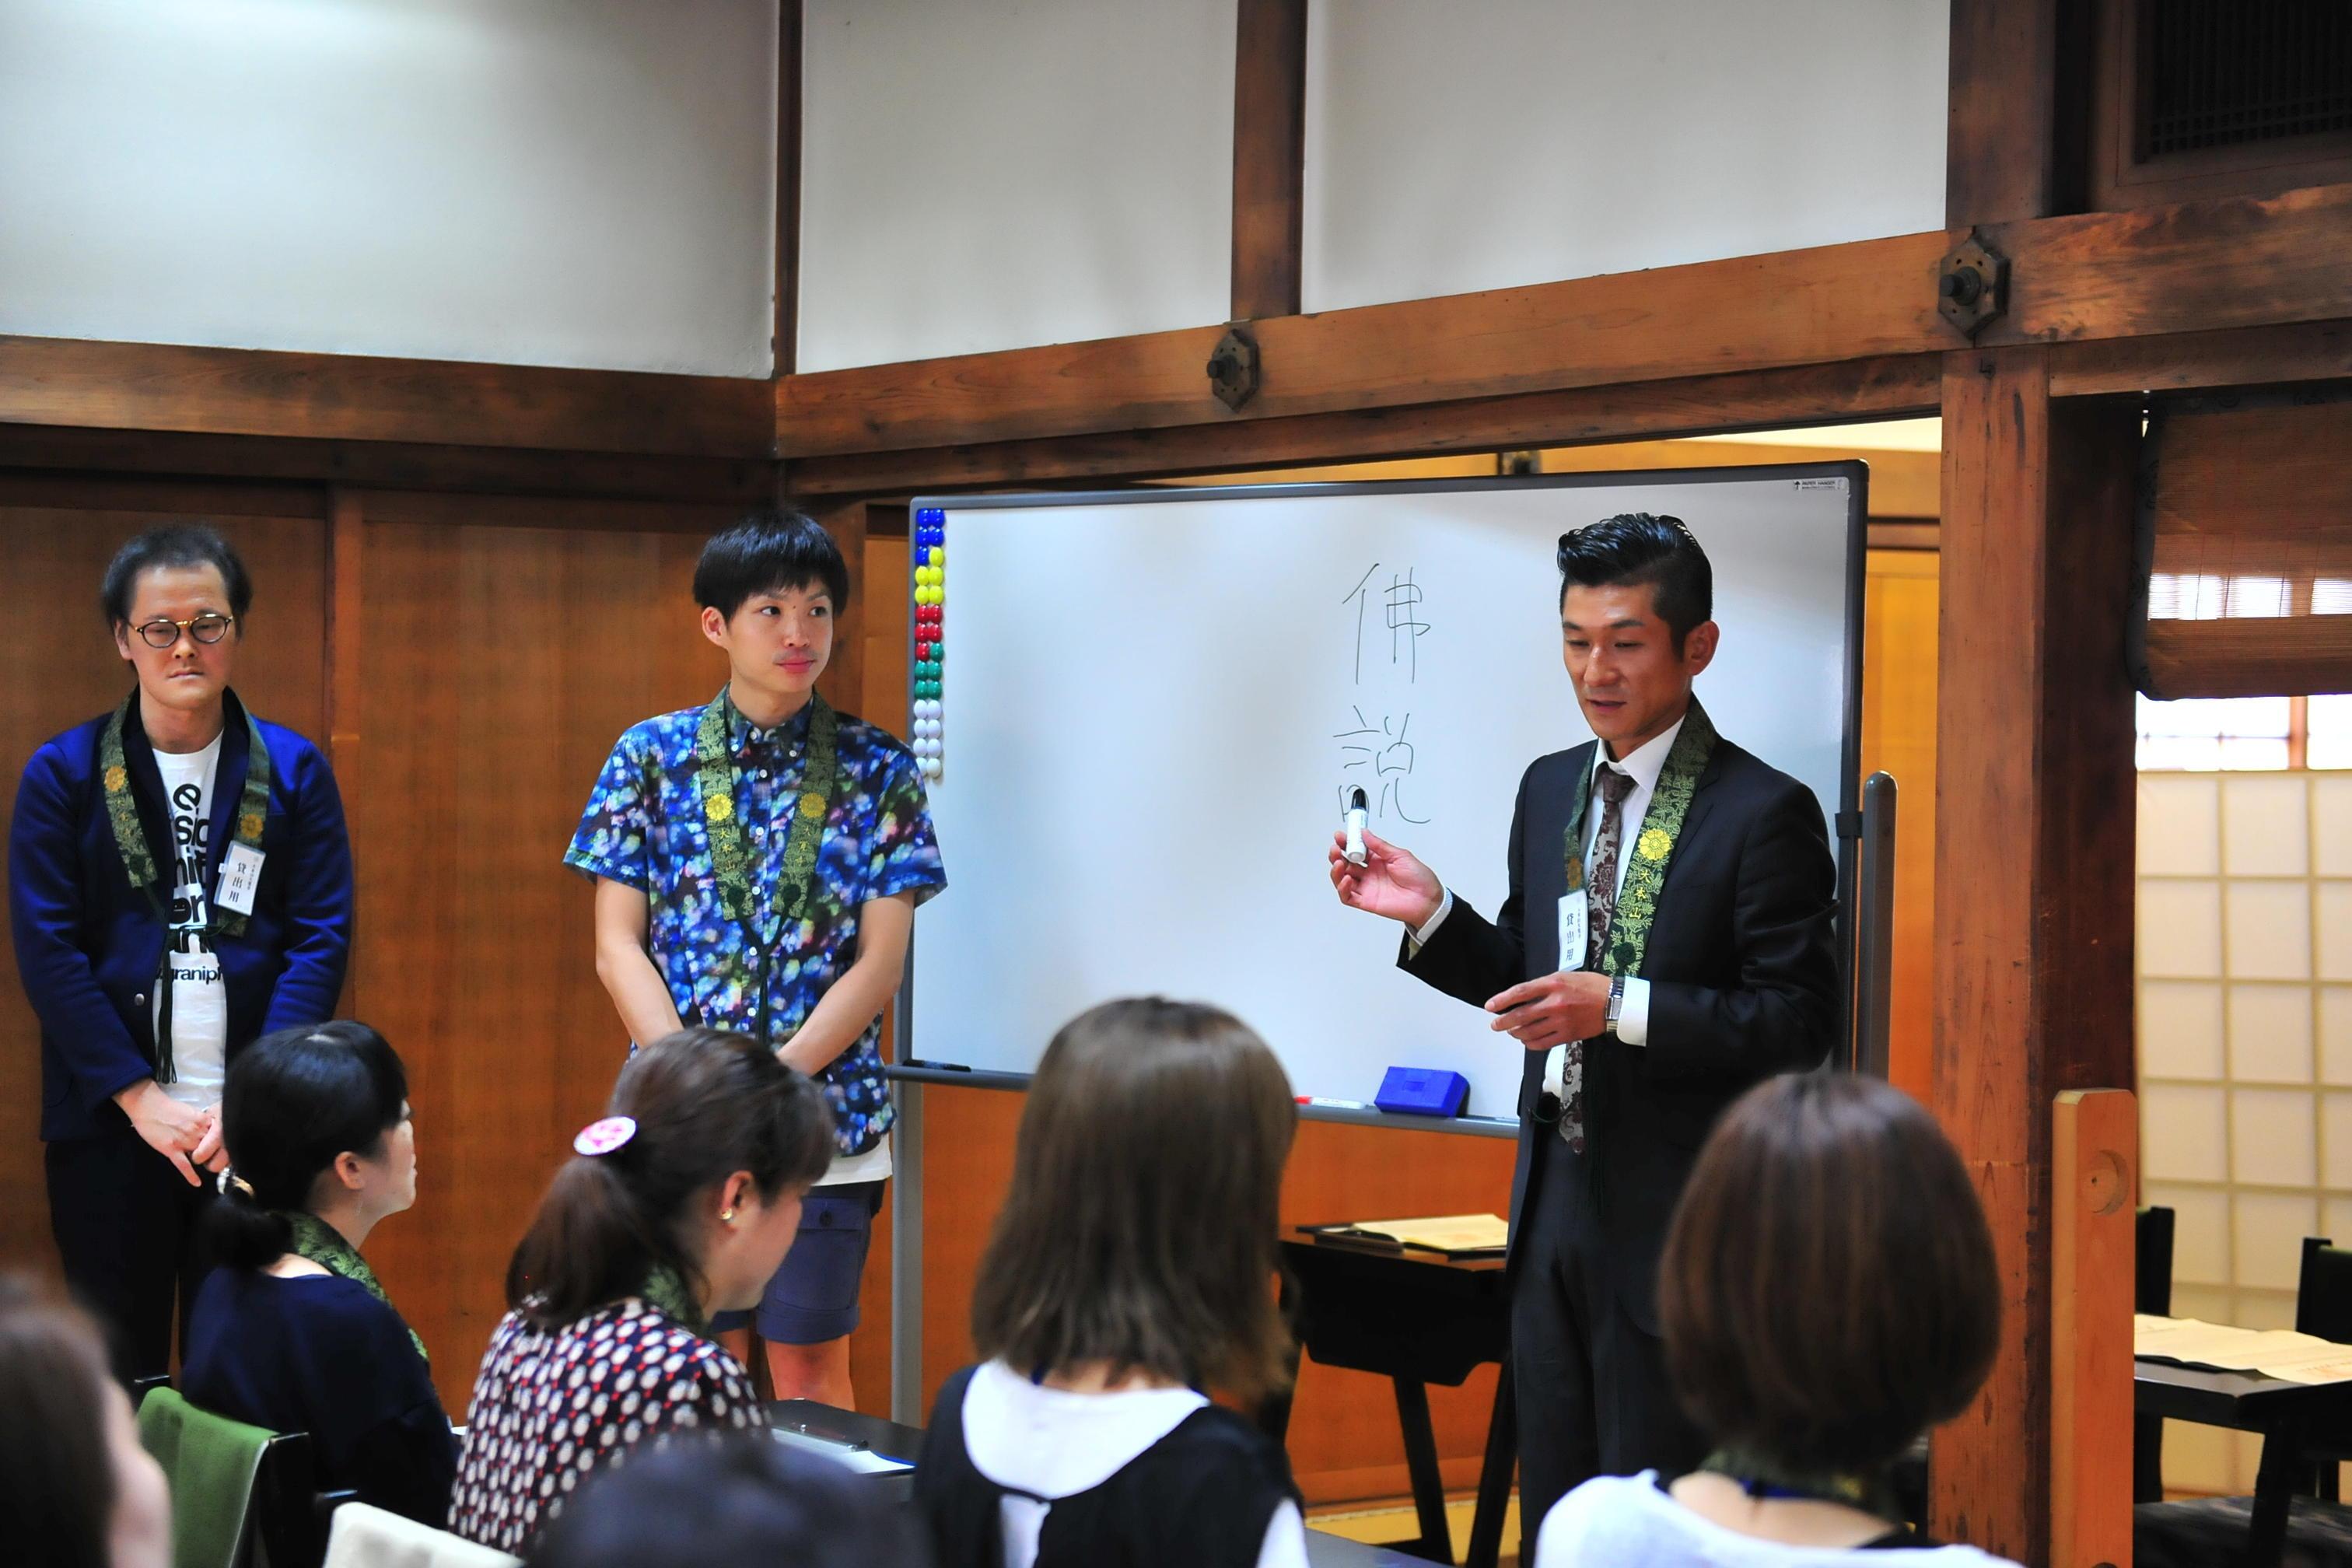 http://news.yoshimoto.co.jp/20160831203442-5c43fed1553f8746a90c1dd877b20c2230eeafe8.jpg